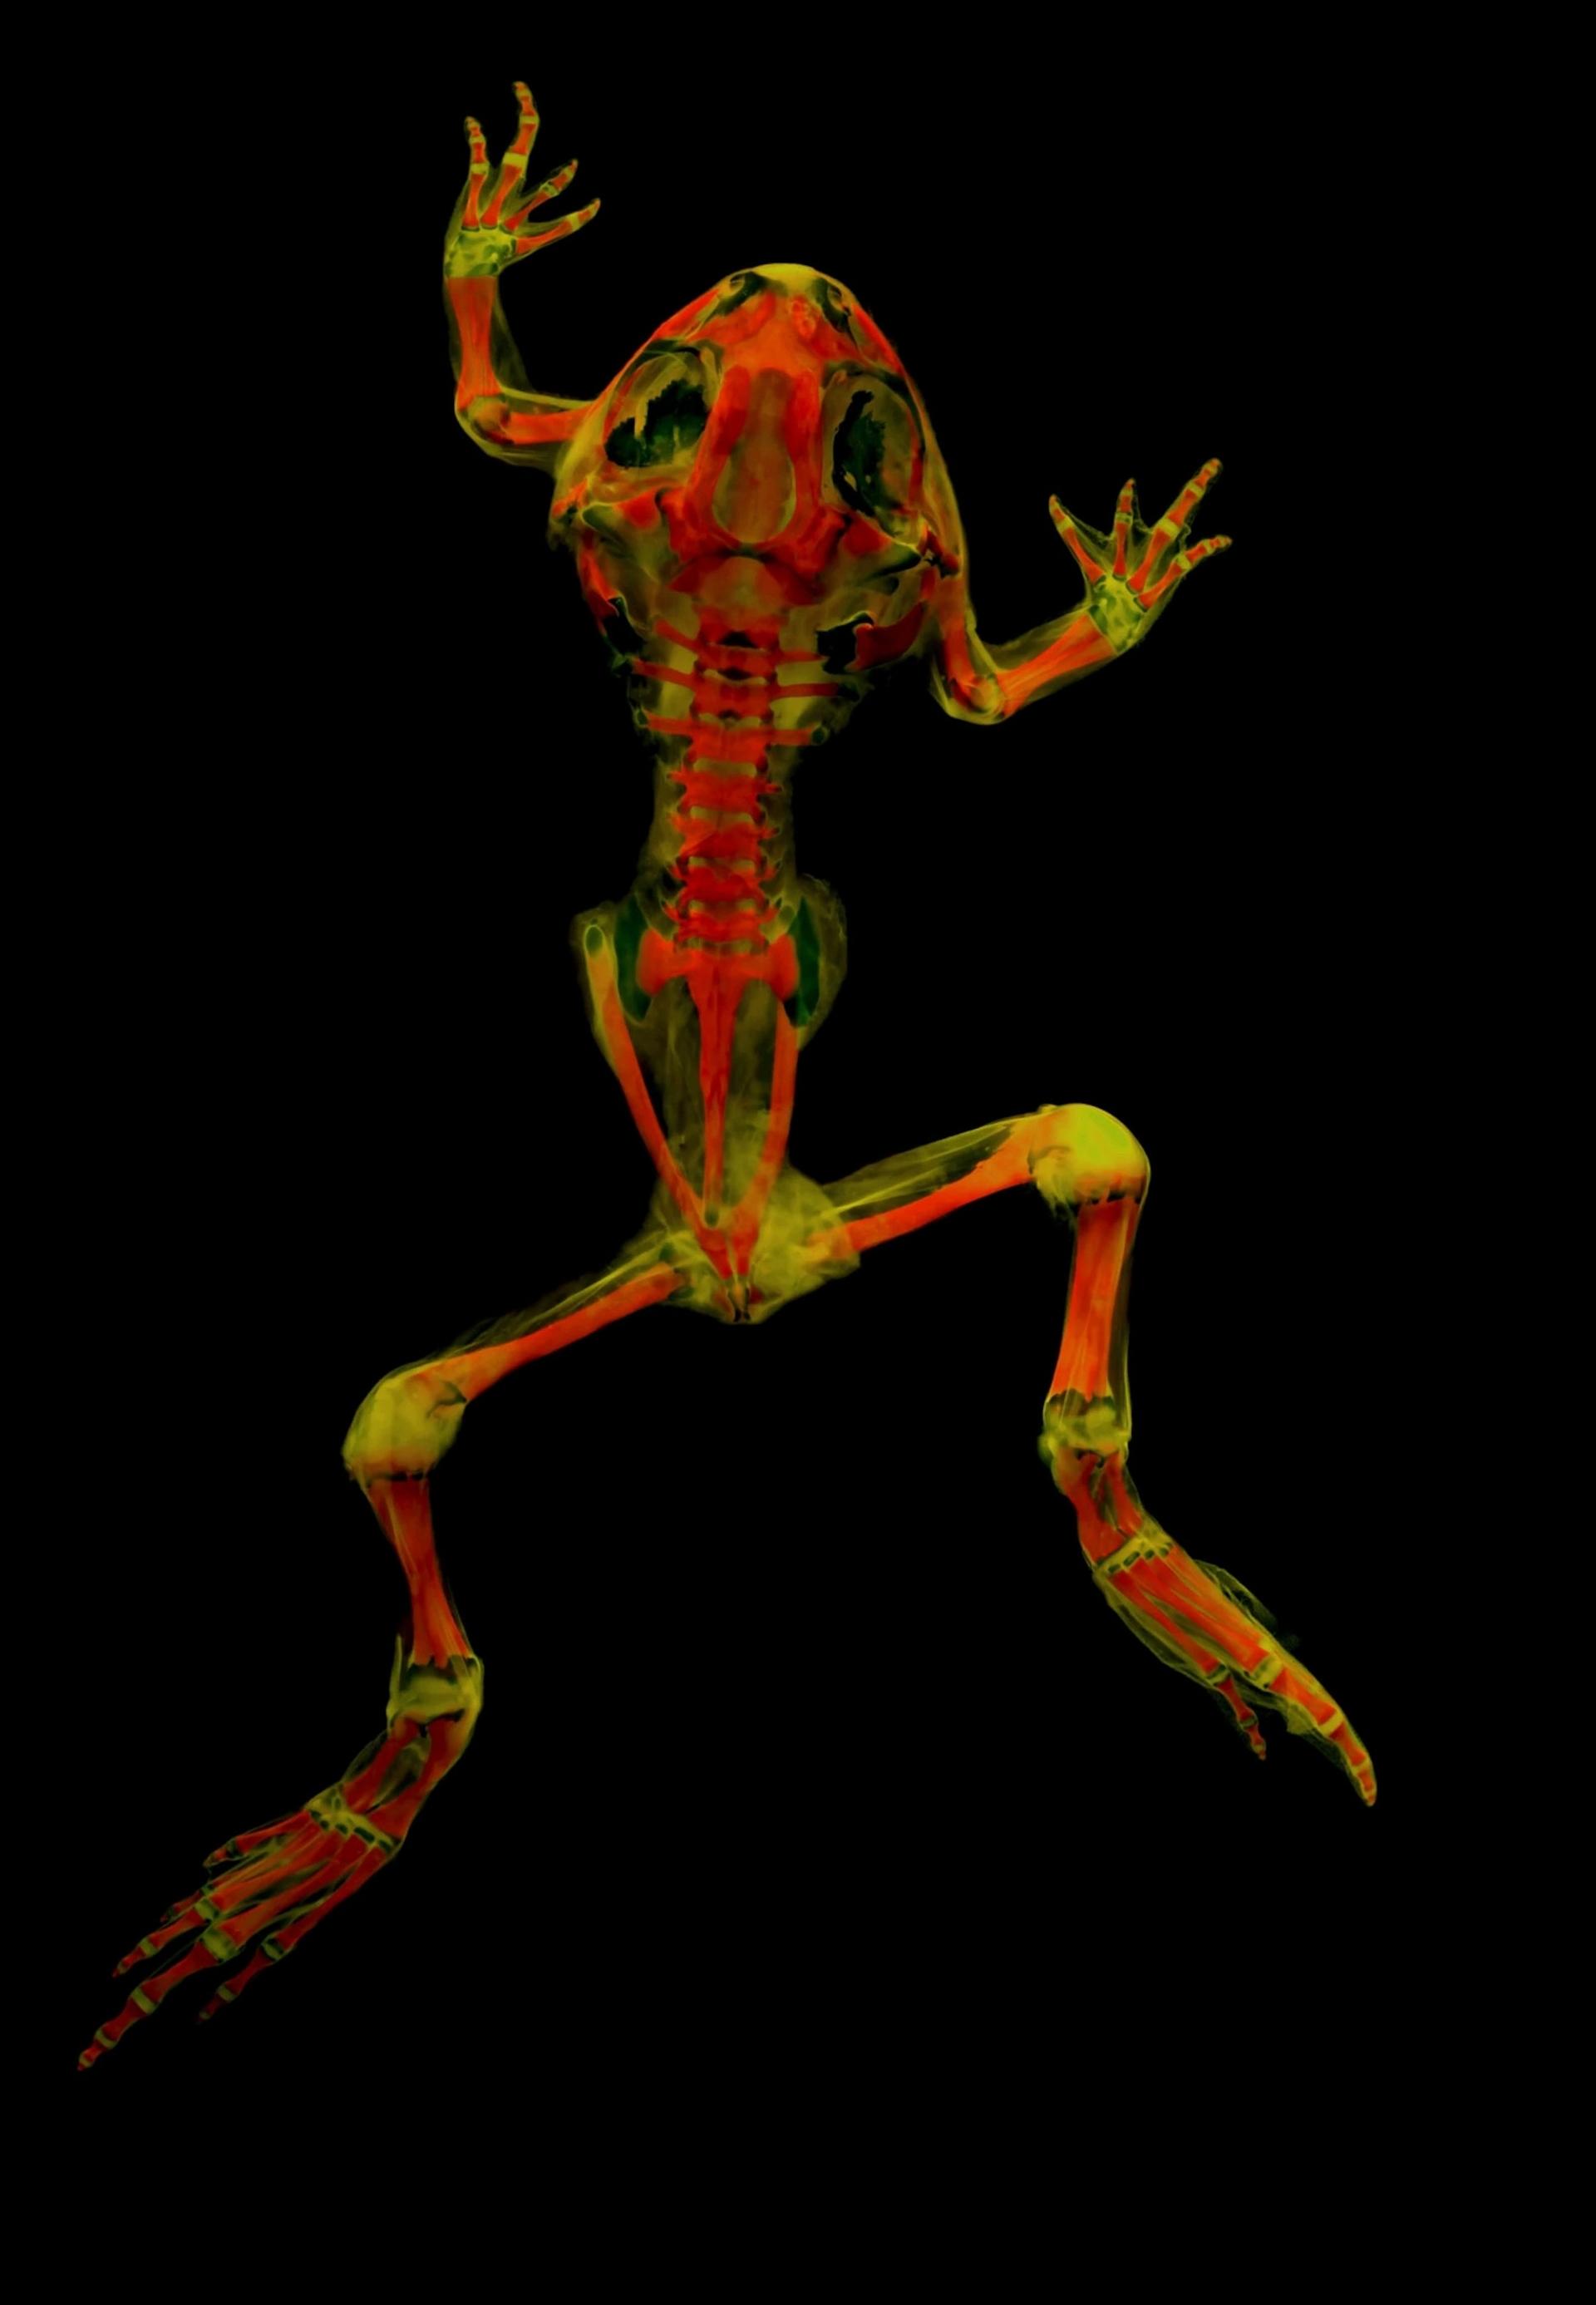 平原锄足蟾(plains spadefoot toad)分布在加拿大到墨西哥的美洲中西部,开发这种摄影技术的研究人员已经开始透过不同的波长与滤镜进行实验,看看这